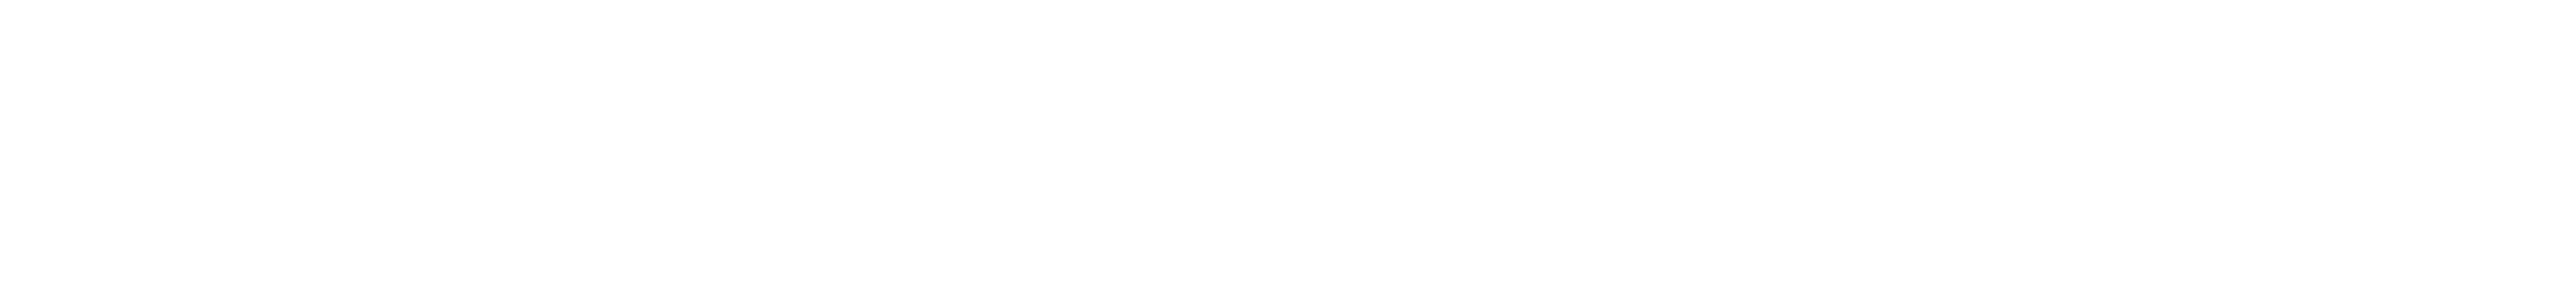 blocked divider